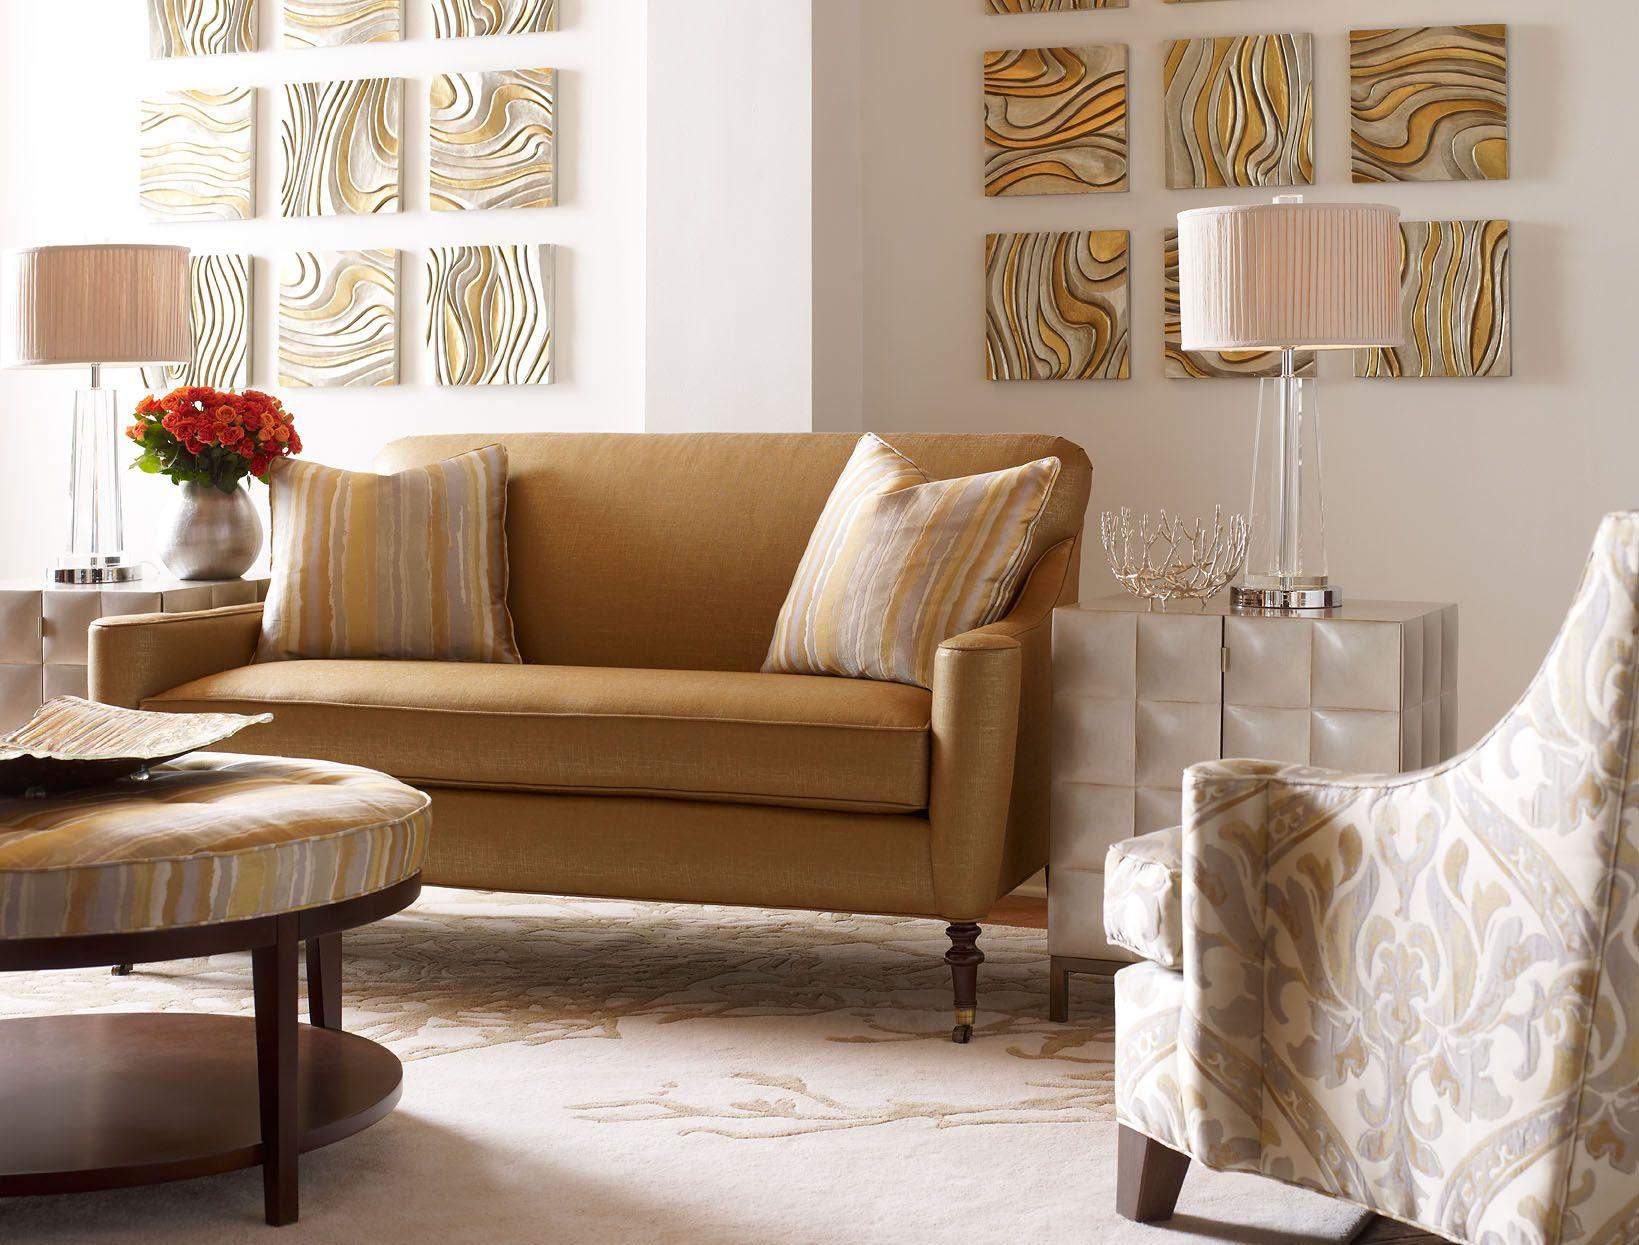 Furniture Design Living Room 2013 33 best palette: glint images on pinterest | highlands, house